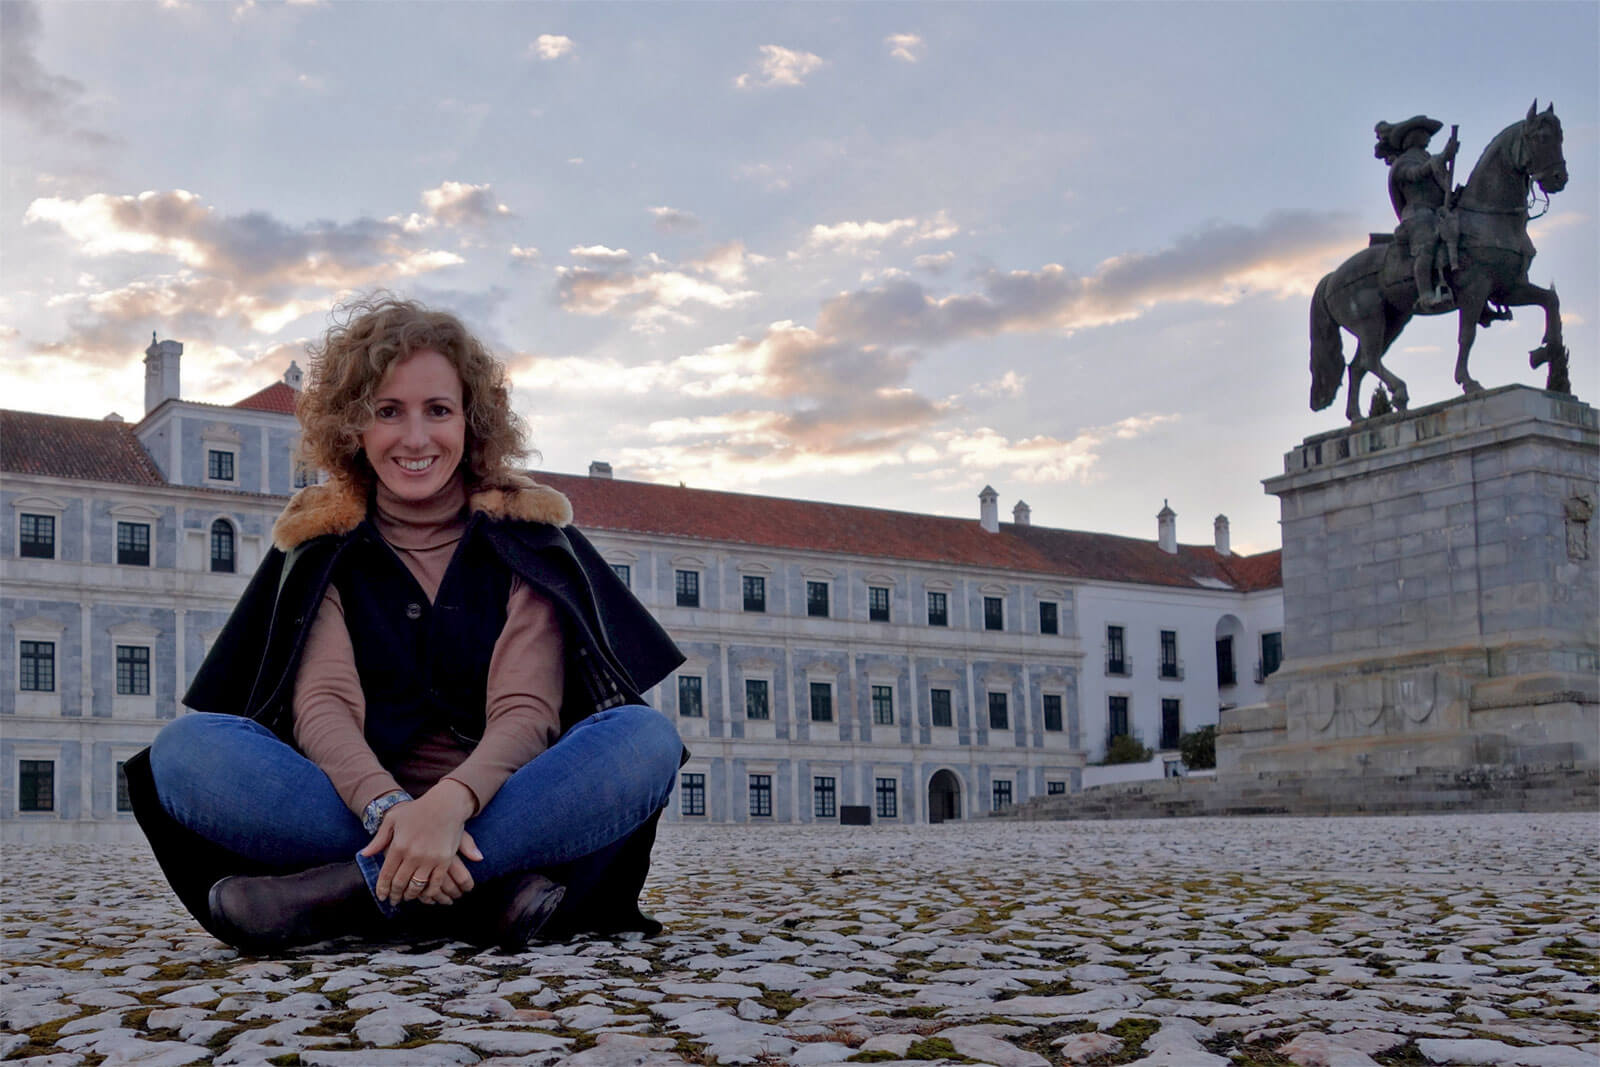 Rita Aleluia sentada numa grande praça, com pavimento em pedra rústica e grande estátua de cavaleiro.